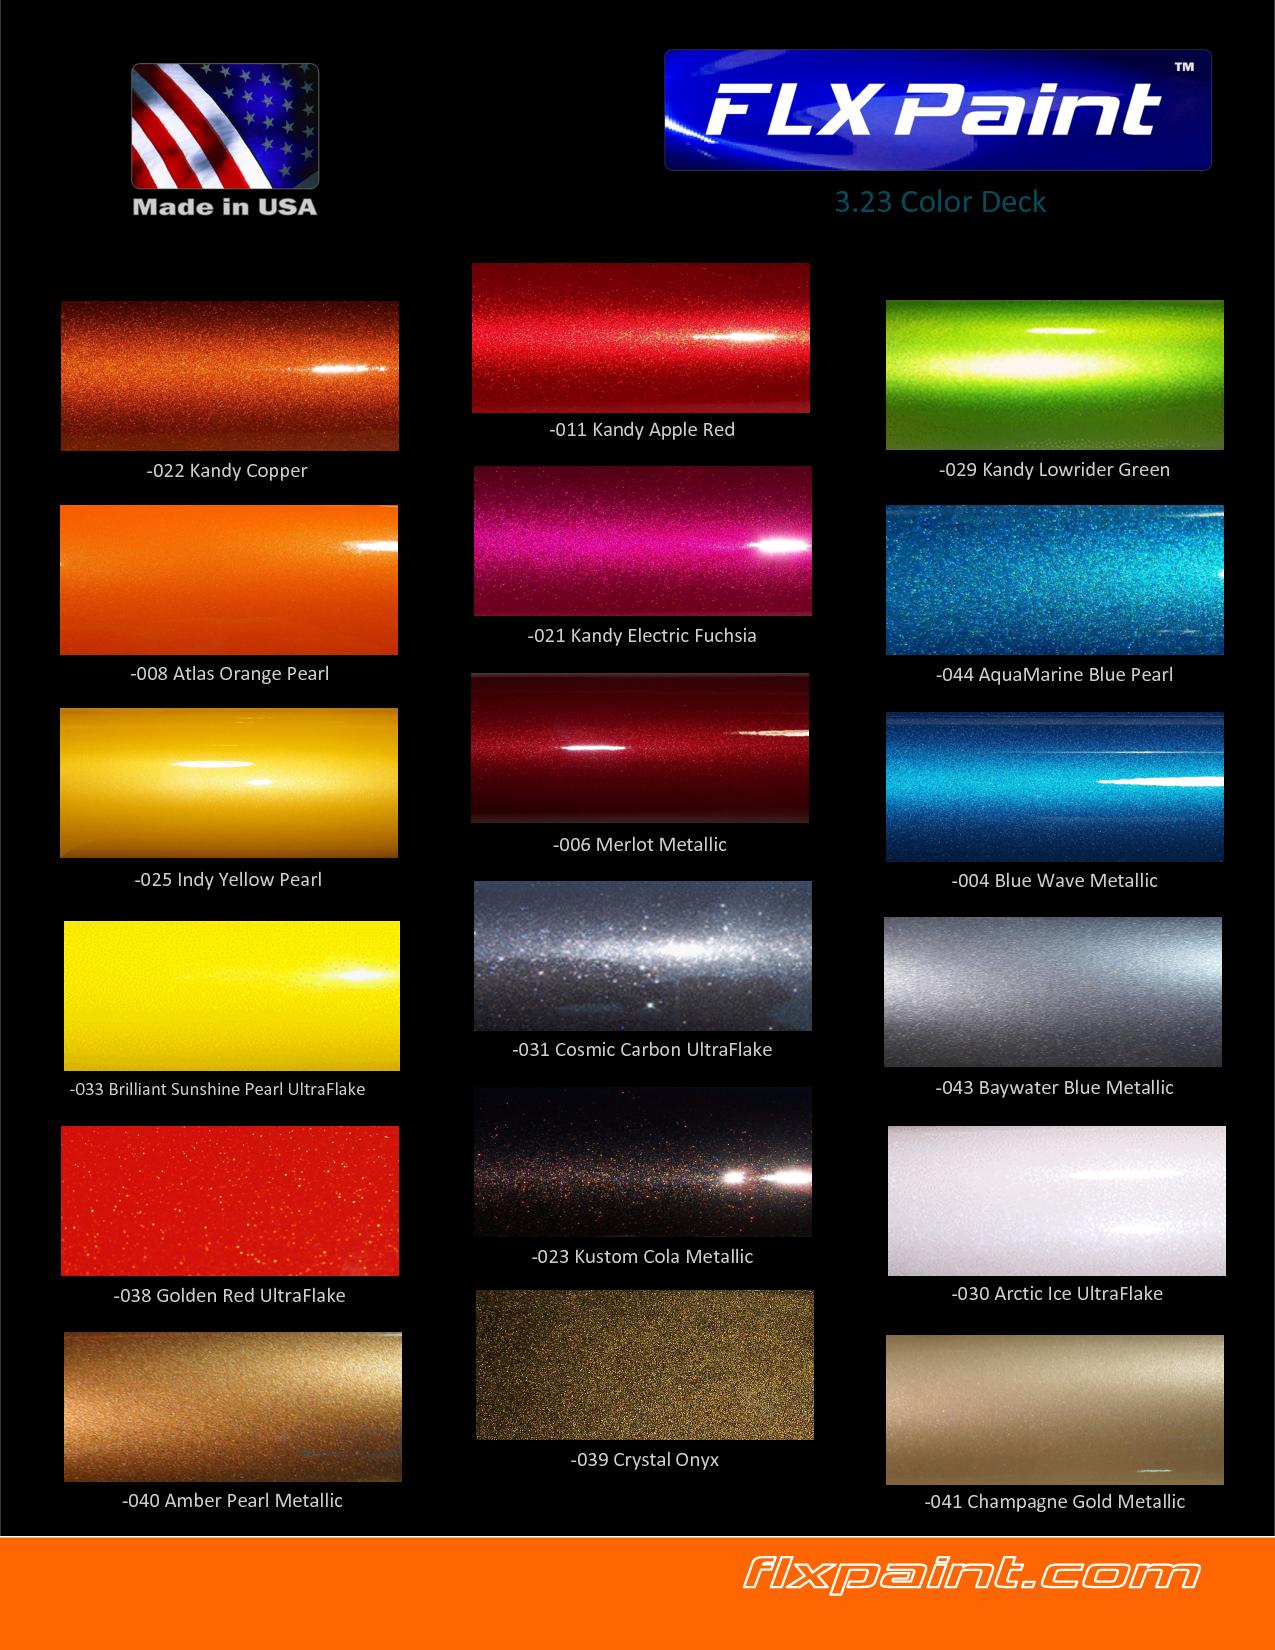 50+ Car paint colors ideas in 2020 | car paint colors, classic cars...